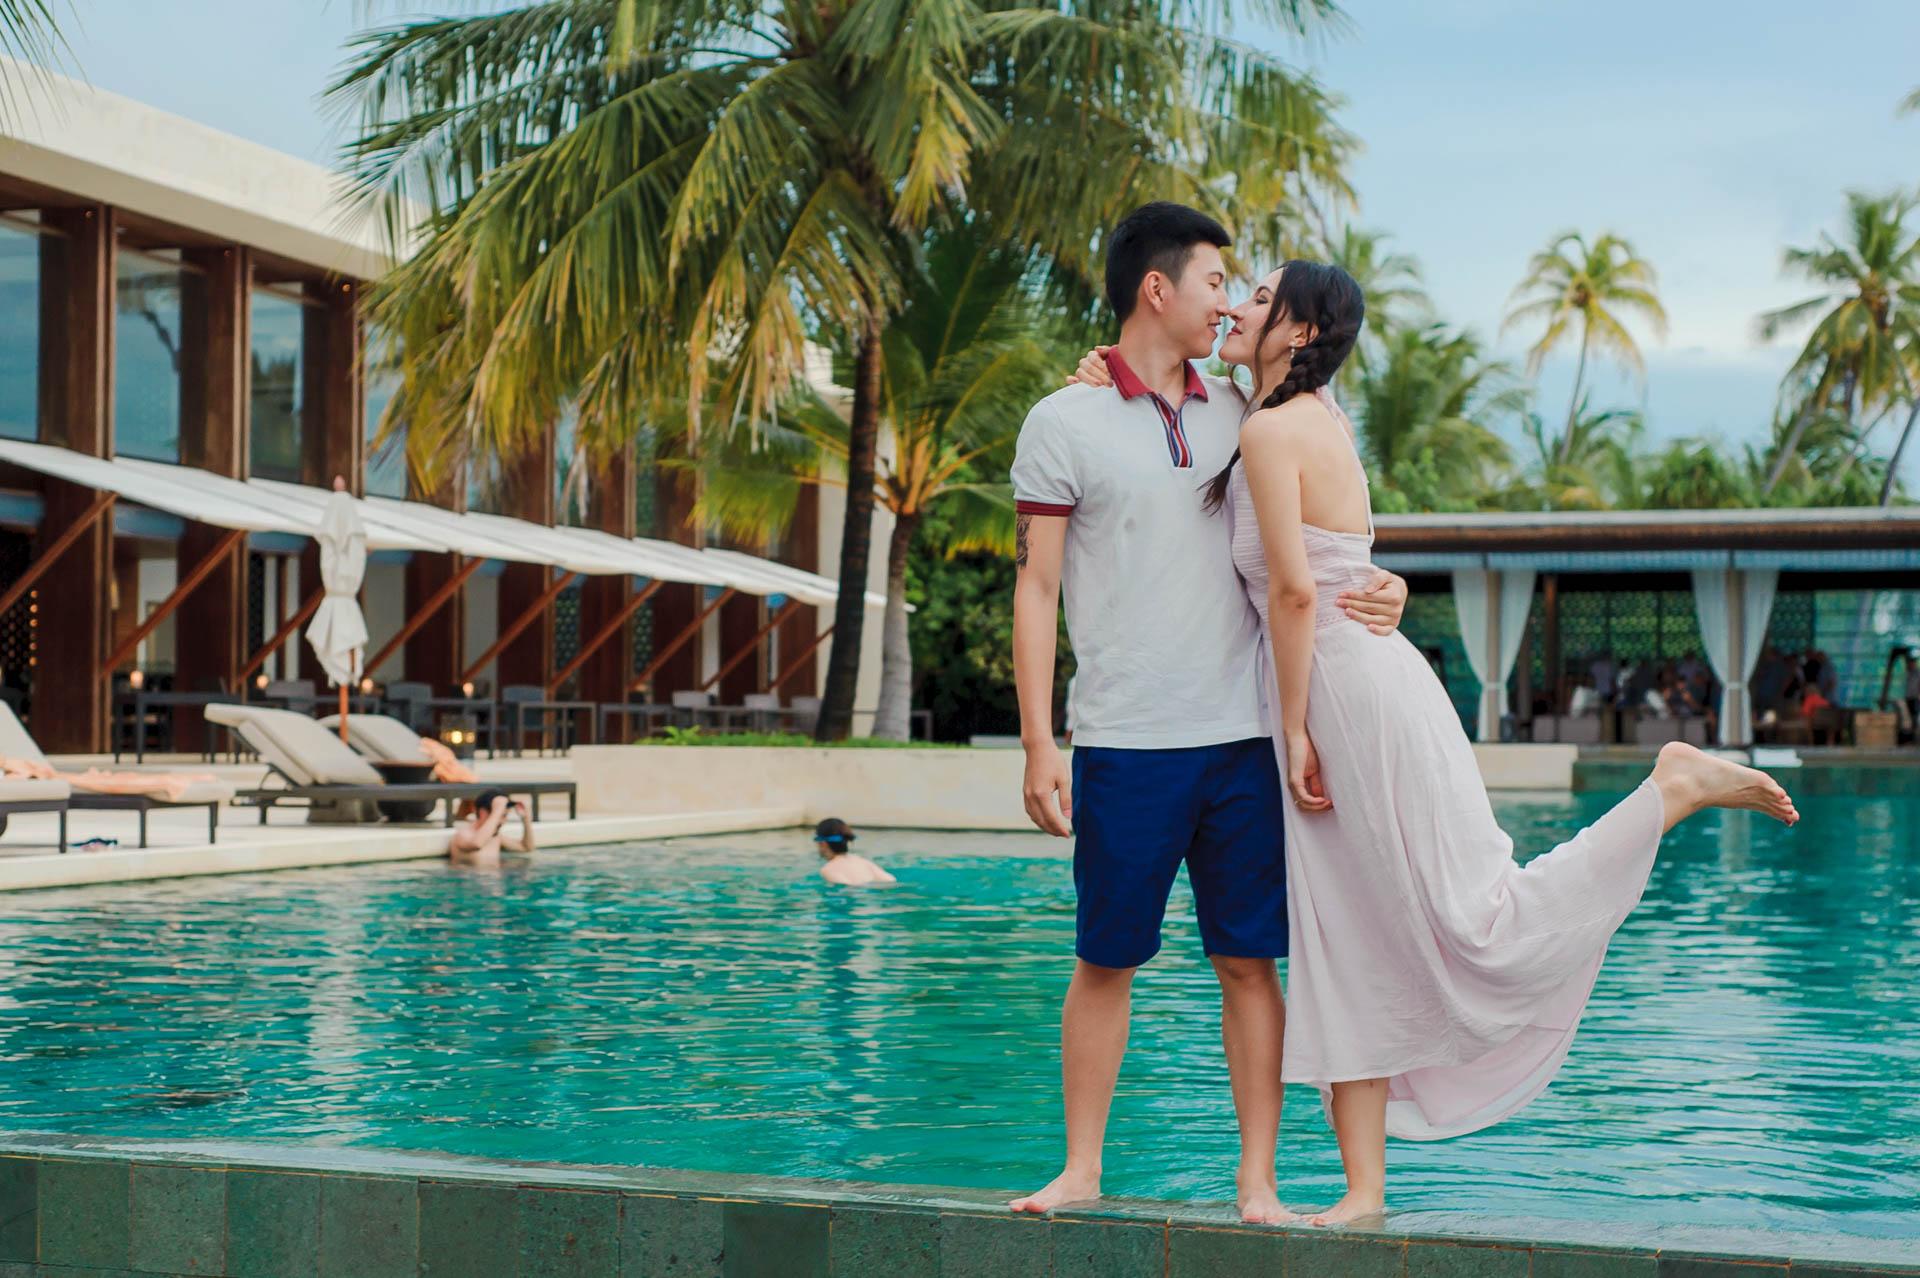 Guanyao Chen Pre Wedding 4